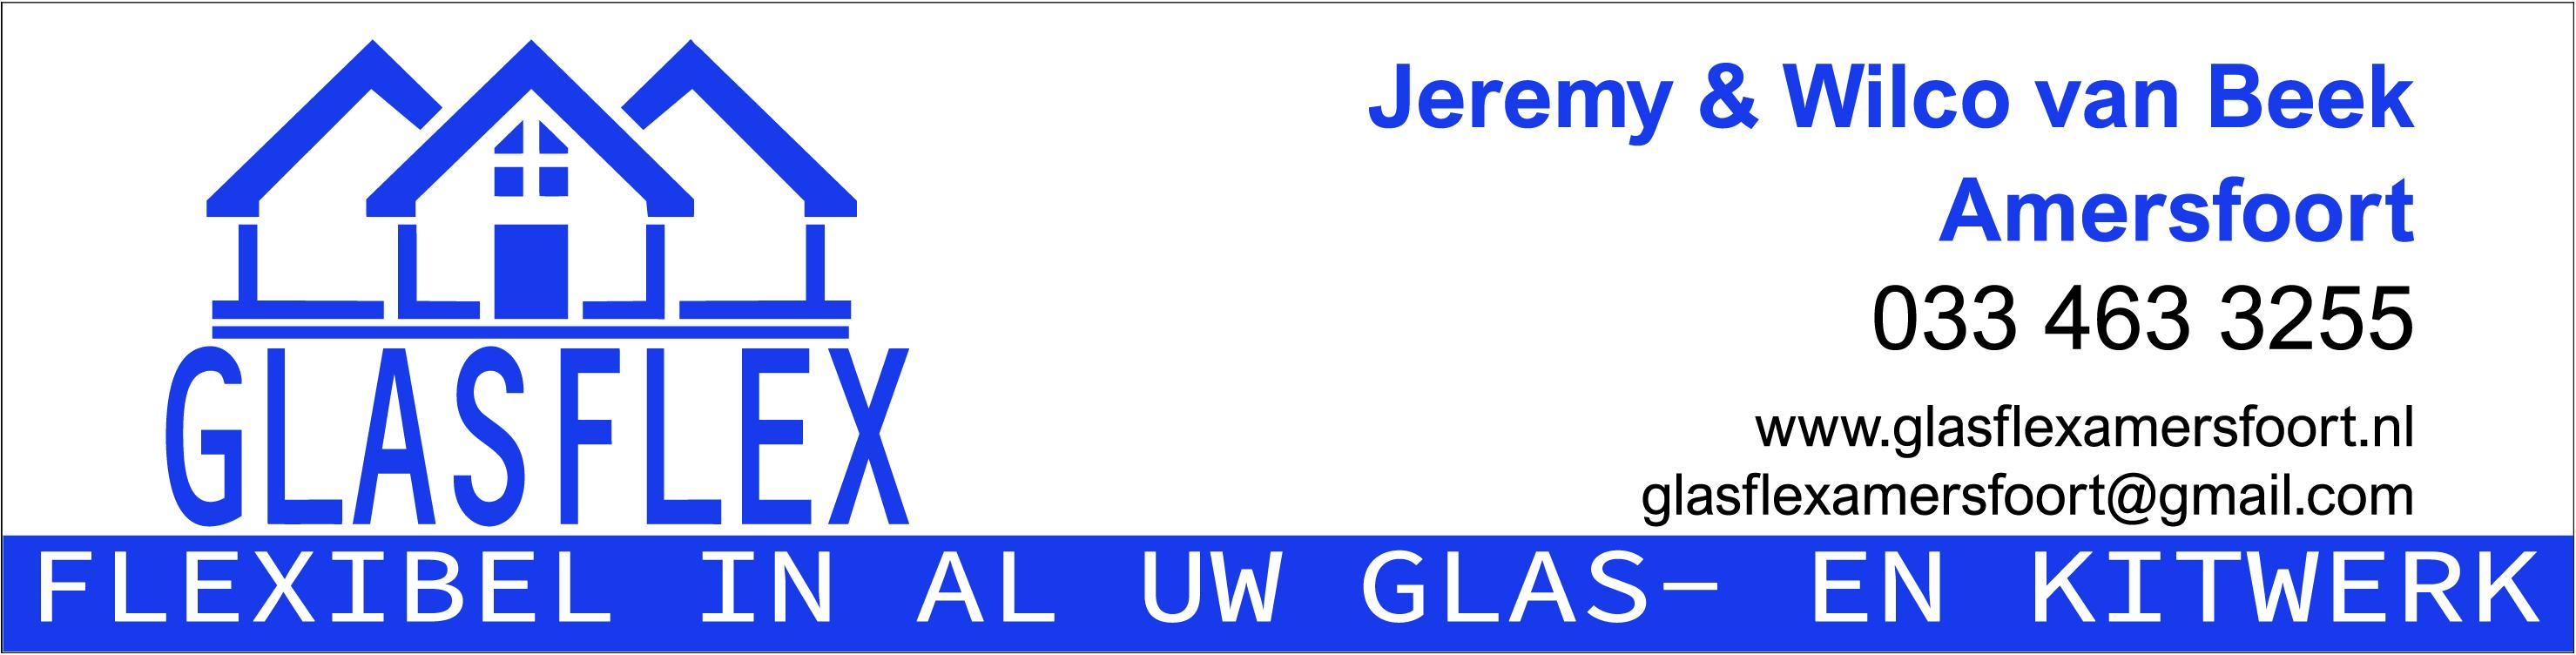 Sponsorbord -Glasflex Amersfoort-01